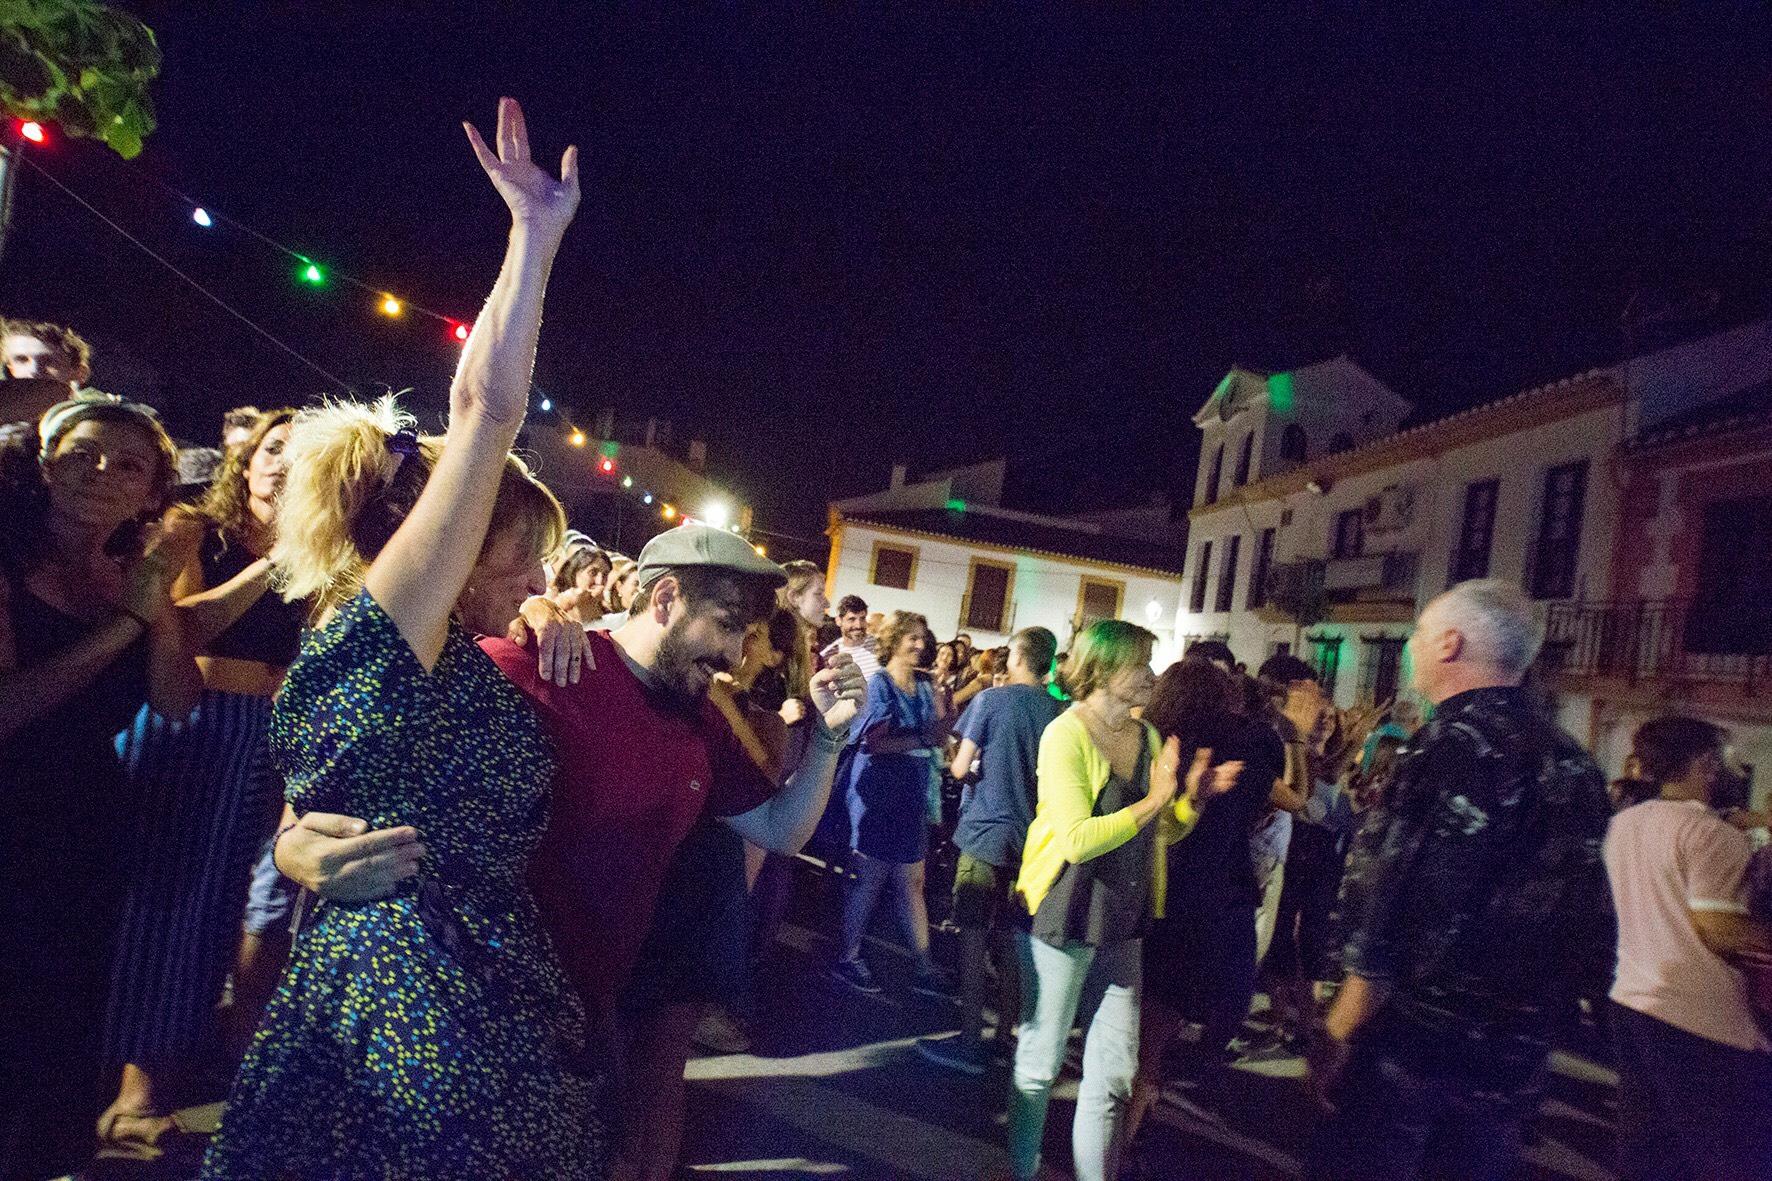 El swing volverá este fin de semana a Monachil después de dos años sin celebrar su festival por la pandemia